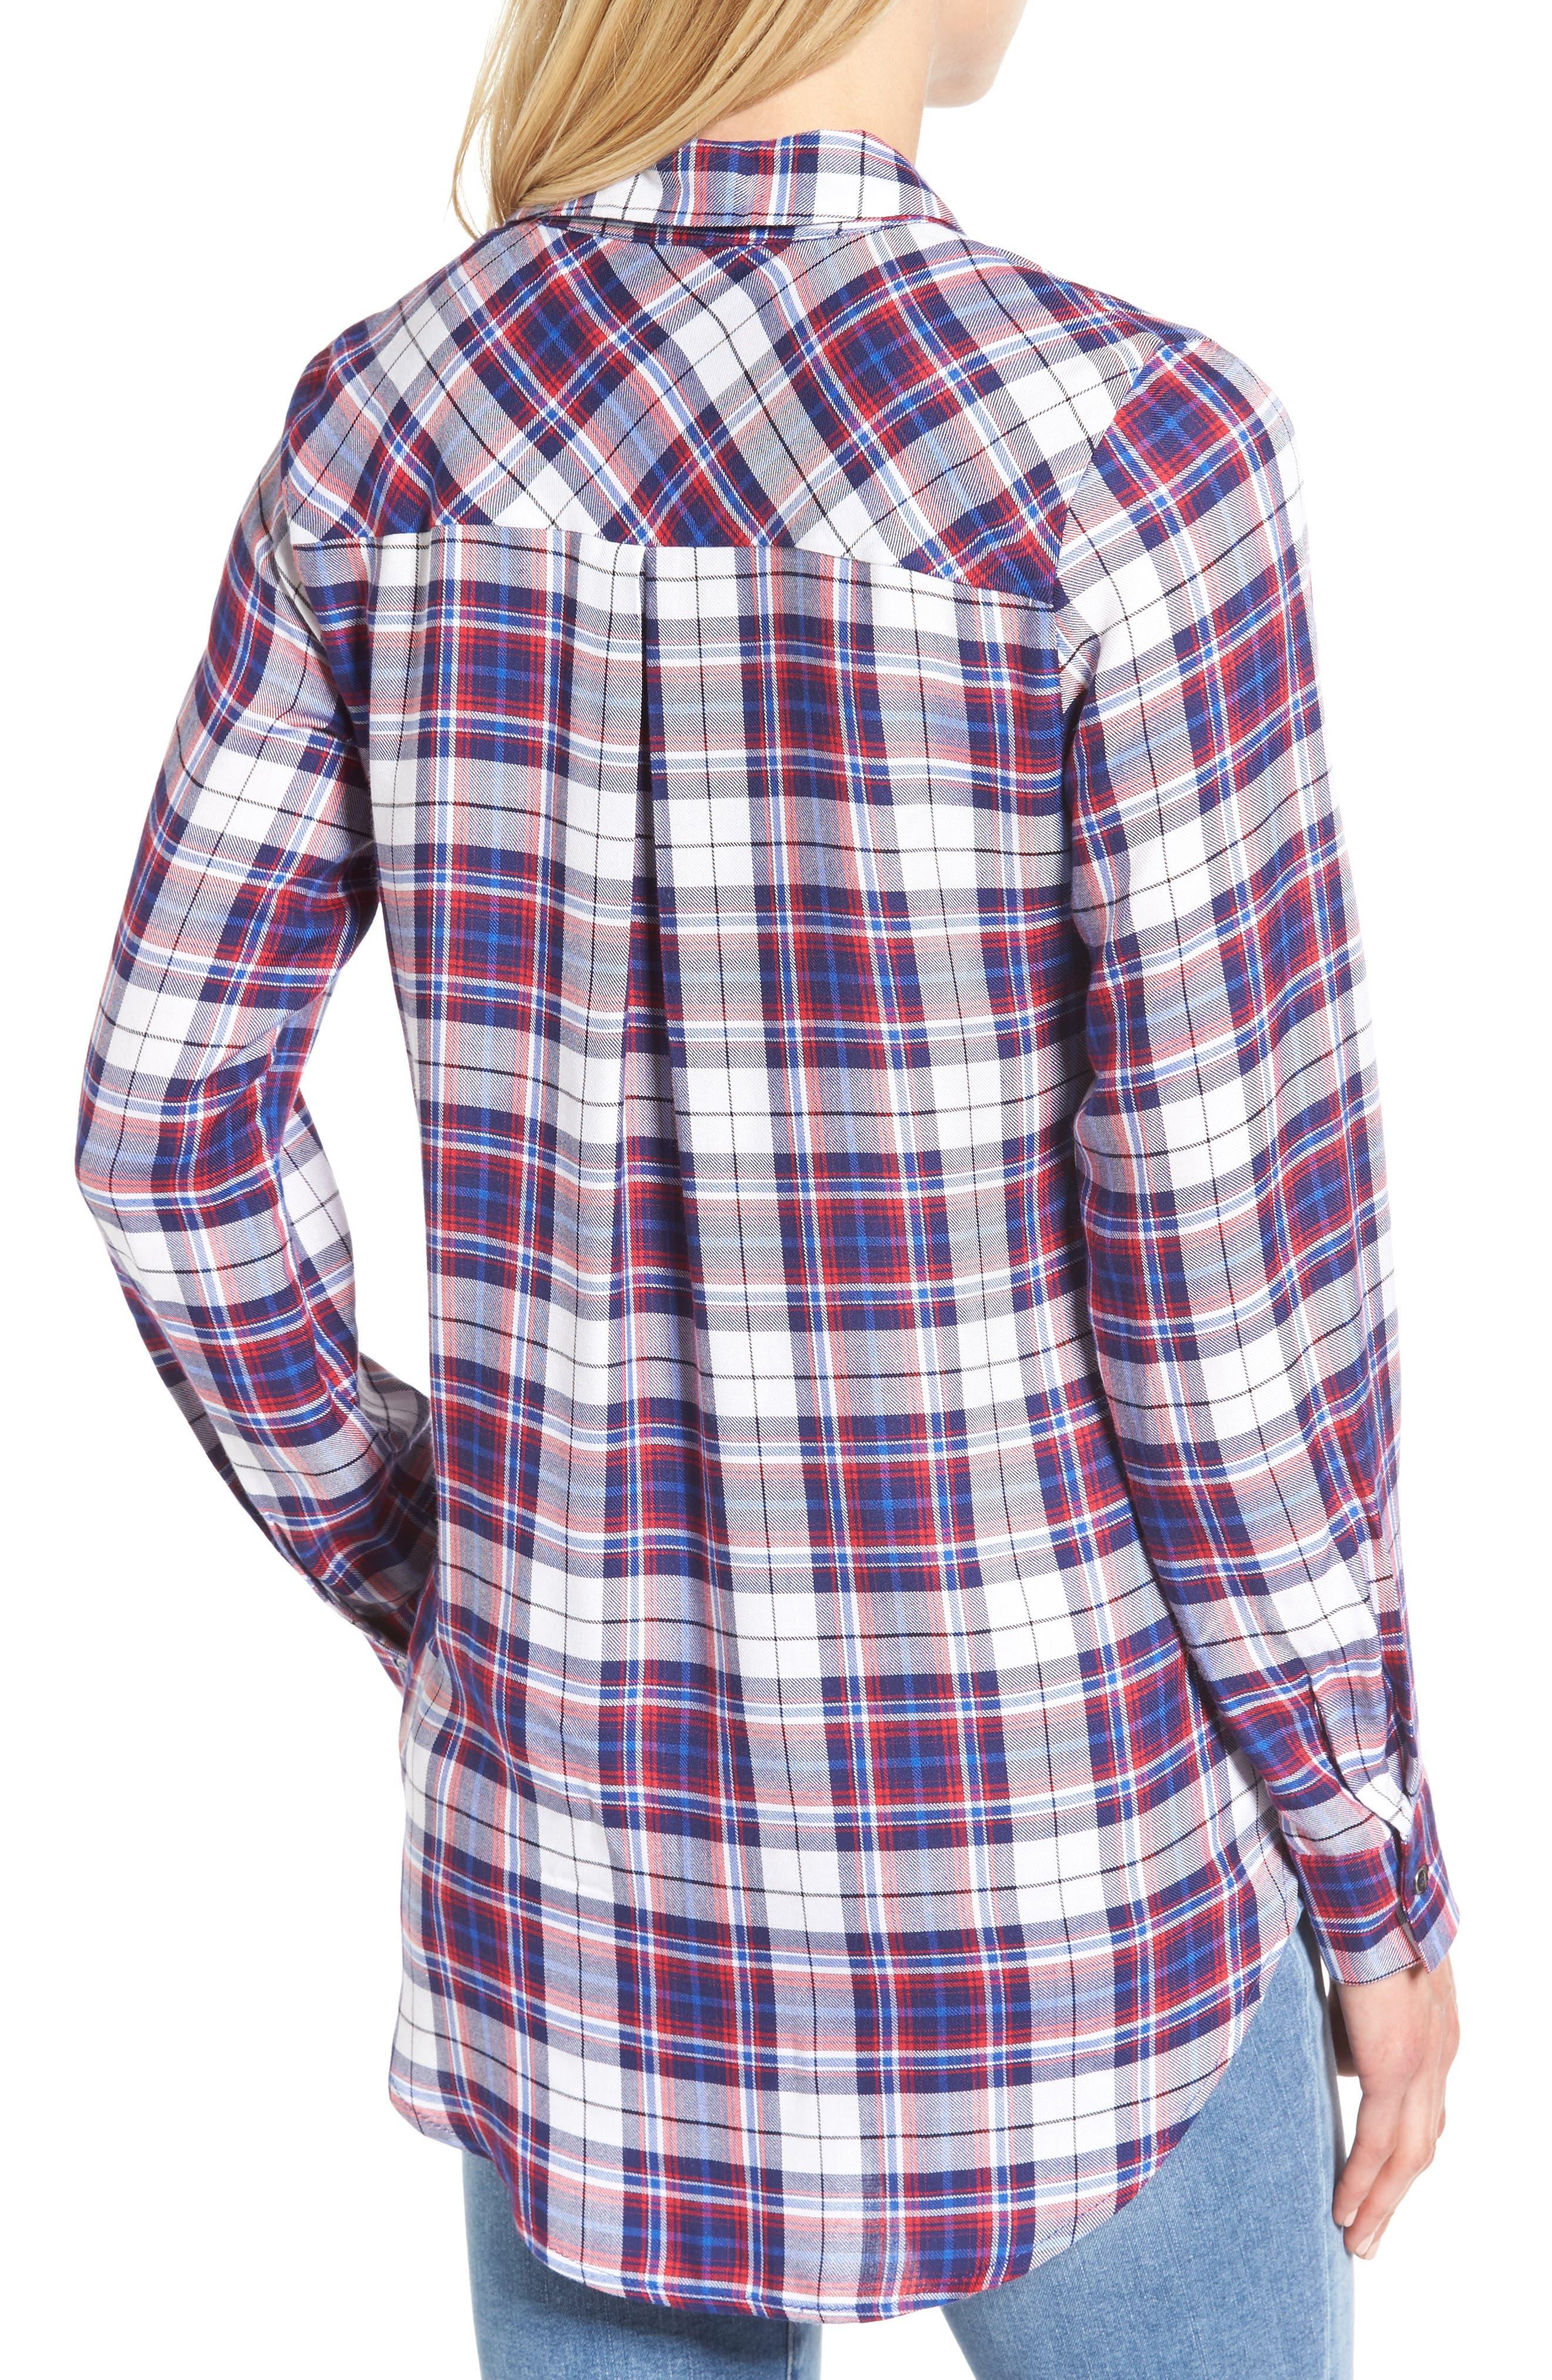 Tie Front Plaid Shirt,                             Alternate thumbnail 2, color,                             Burgundy/ Black Plaid